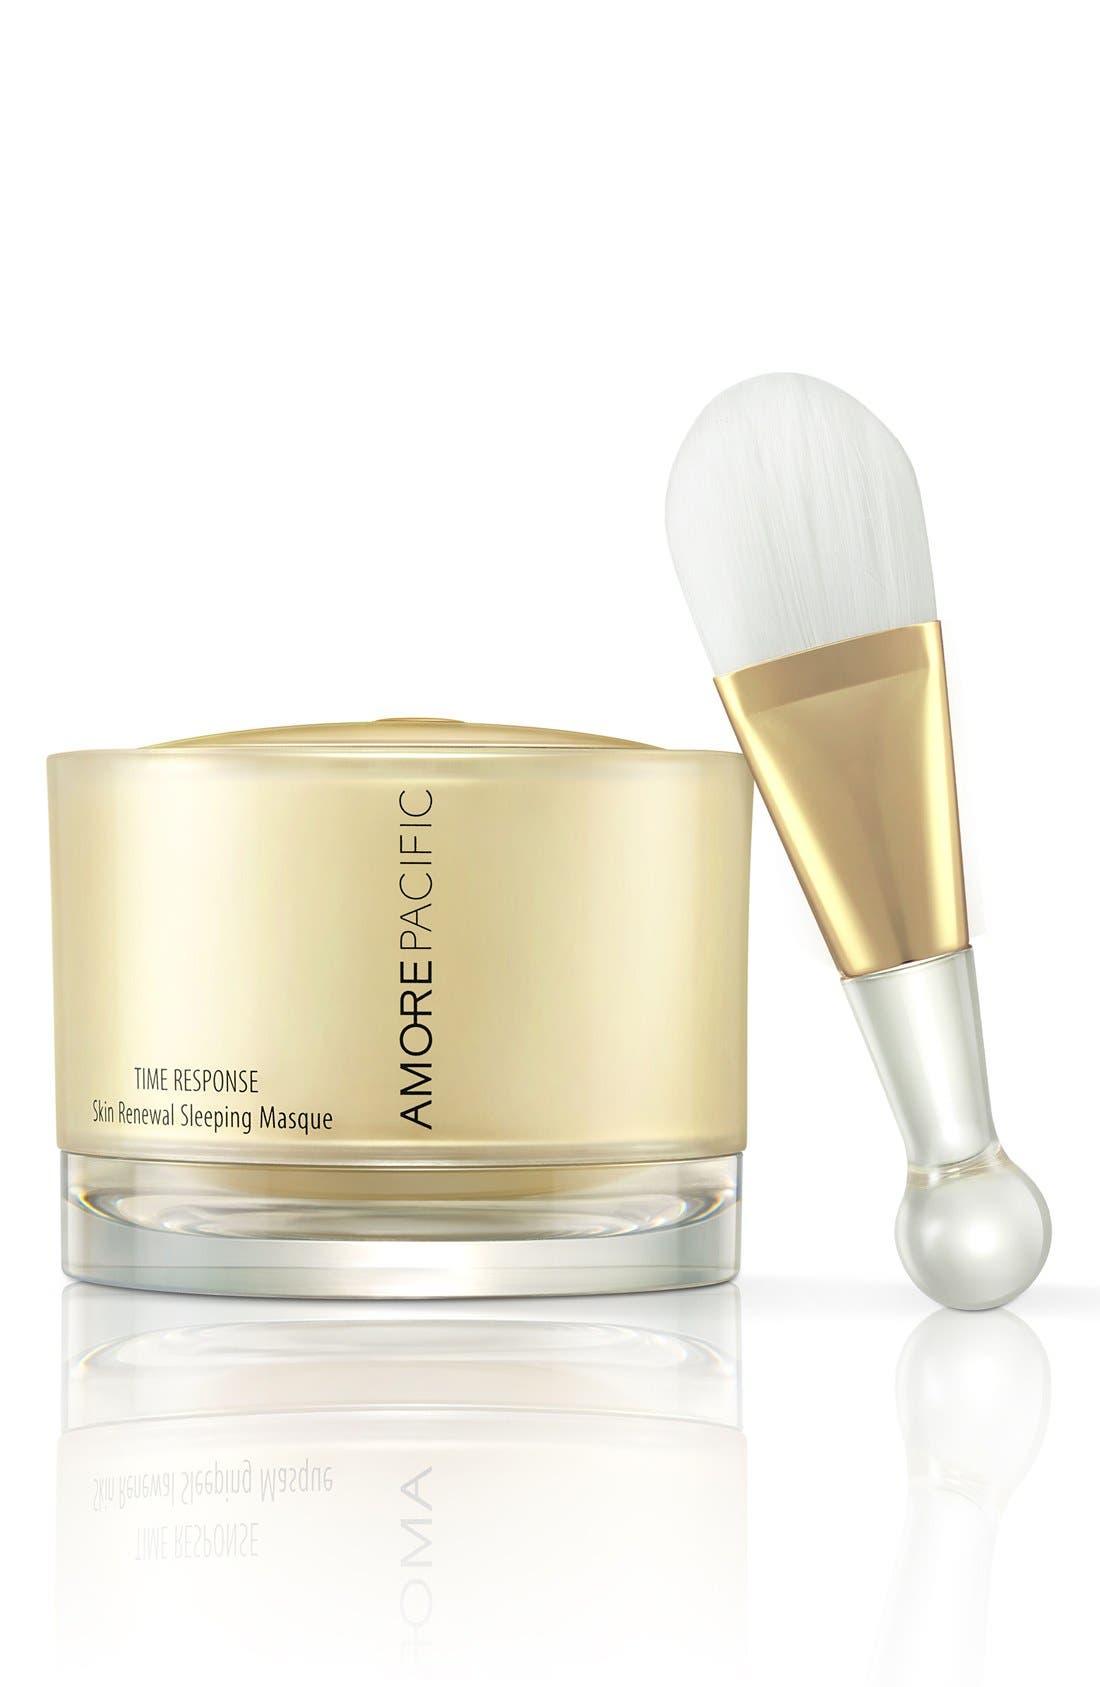 AMOREPACIFIC 'Time Response' Skin Renewal Sleeping Masque